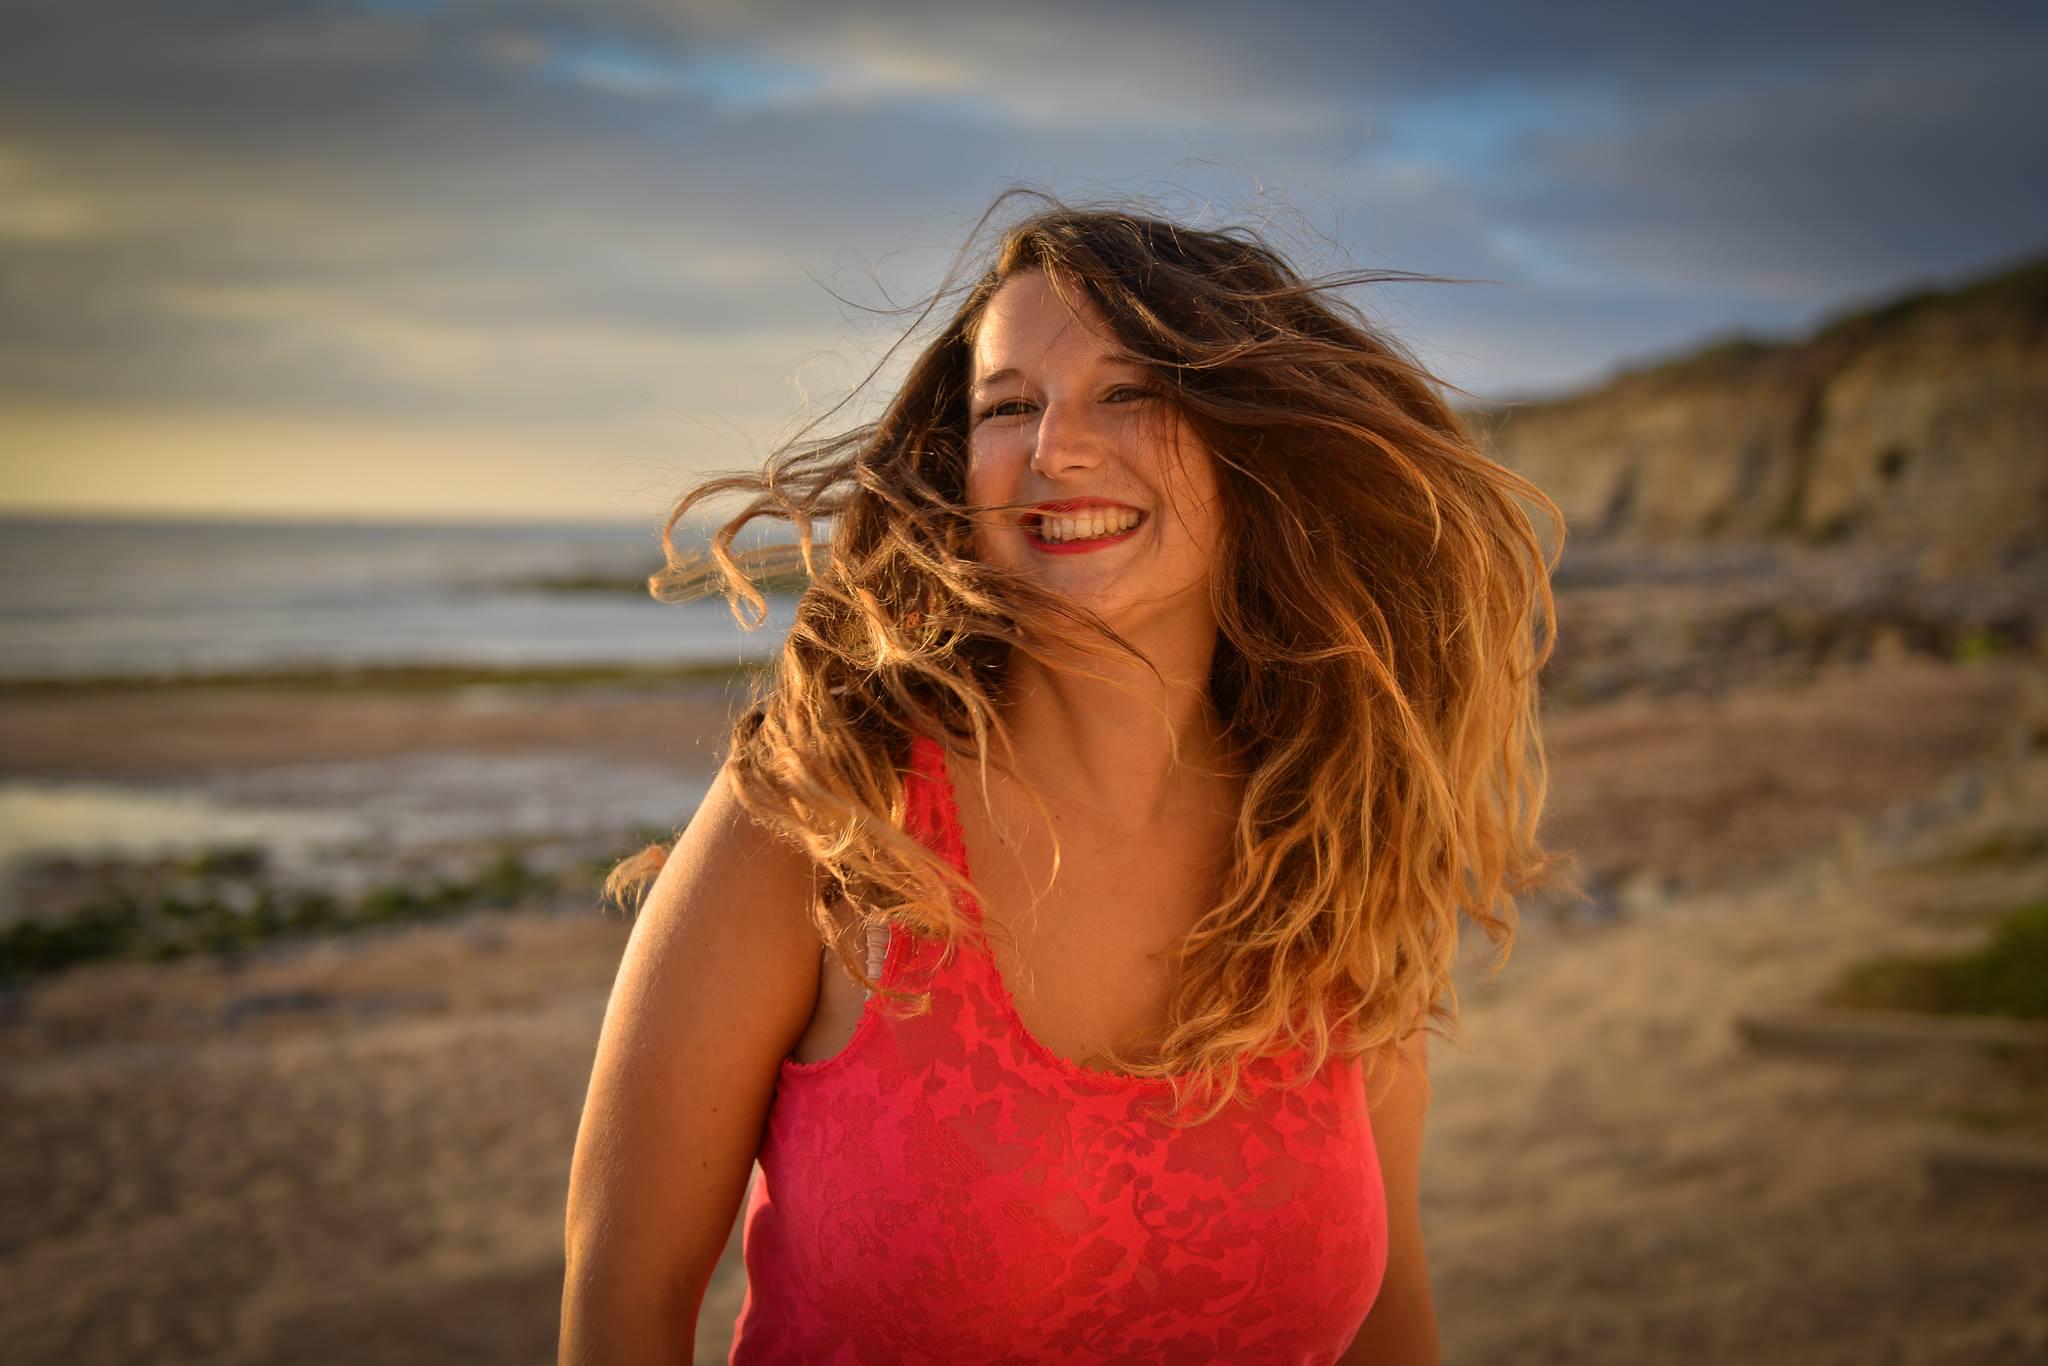 Entretien avec Irina Meulemans, Community Manager de Golfe de Saint-Tropez Tourisme